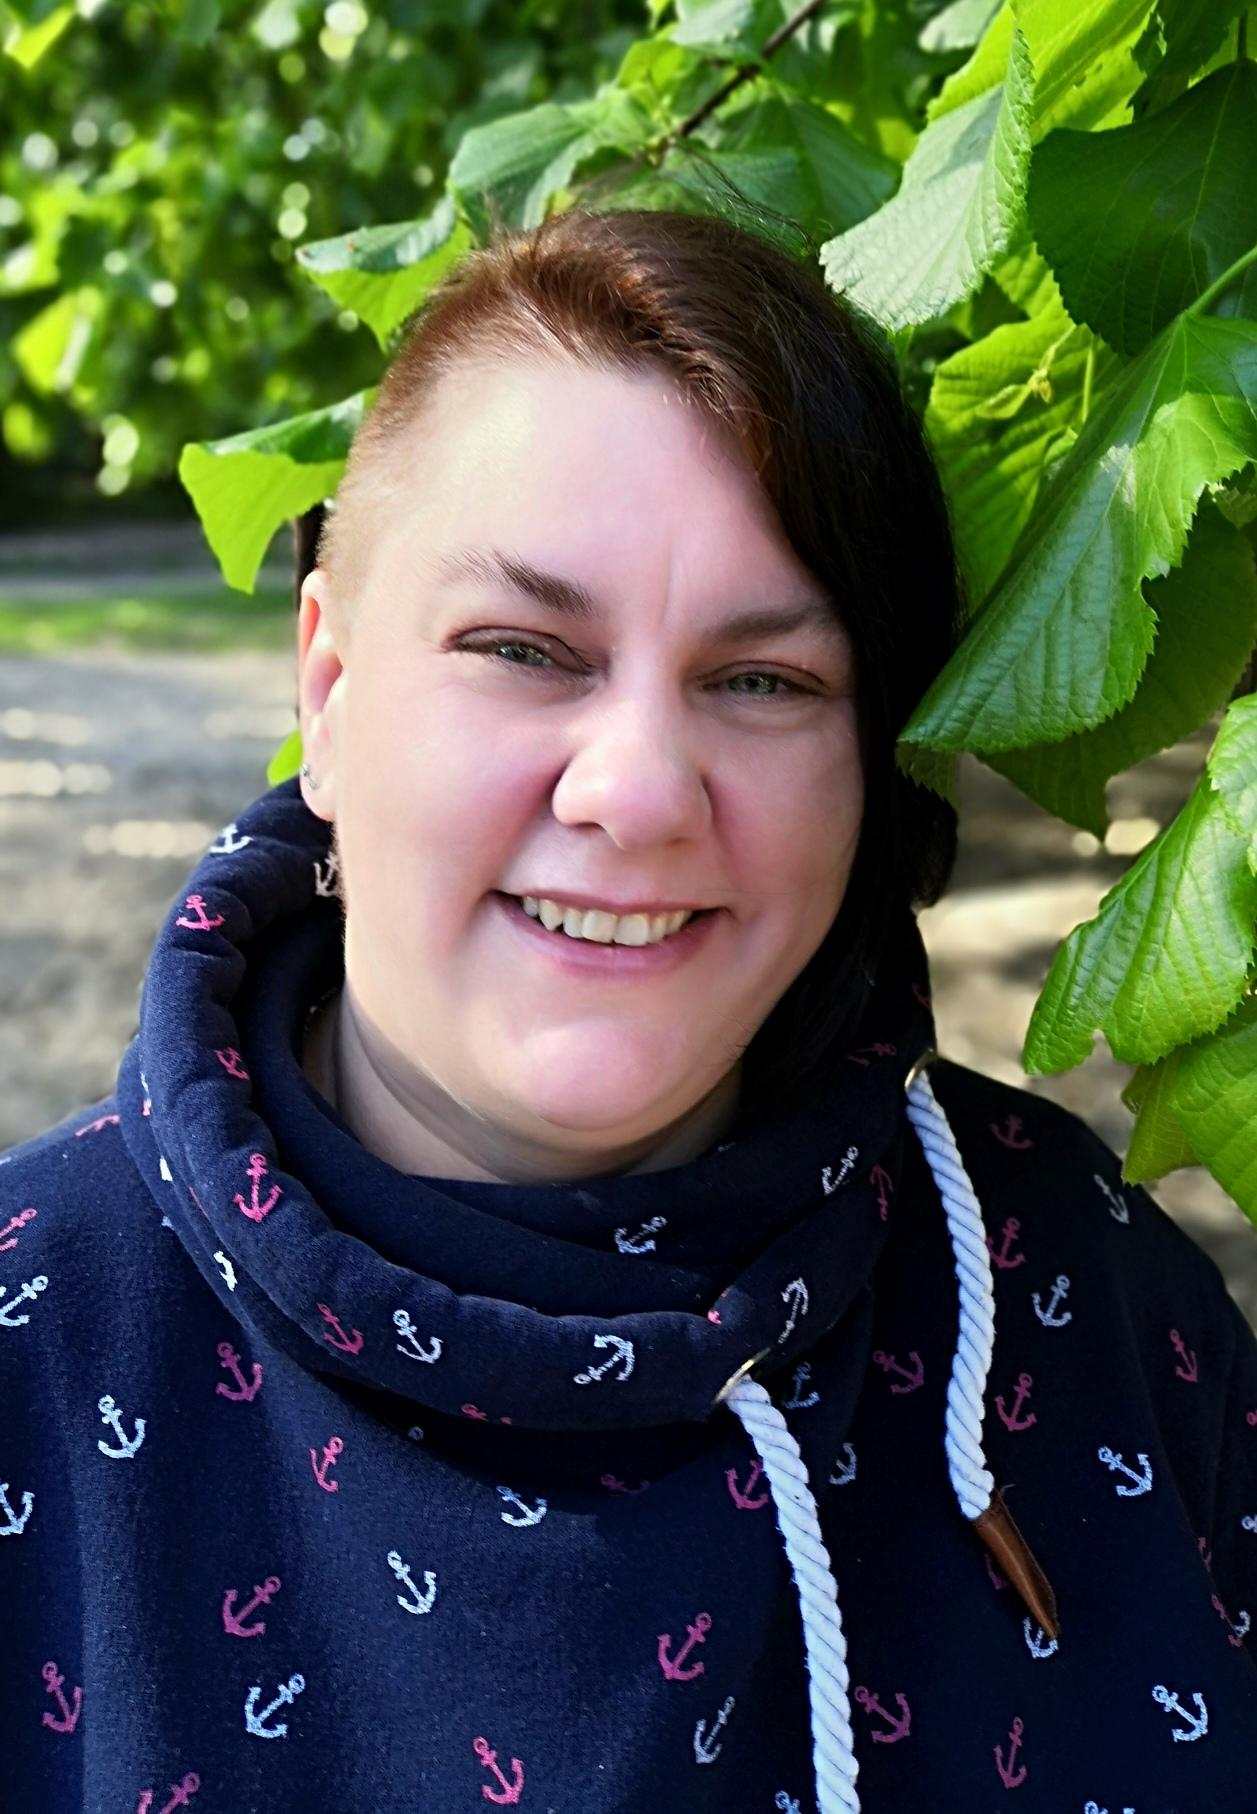 Sabrina Schierbaum